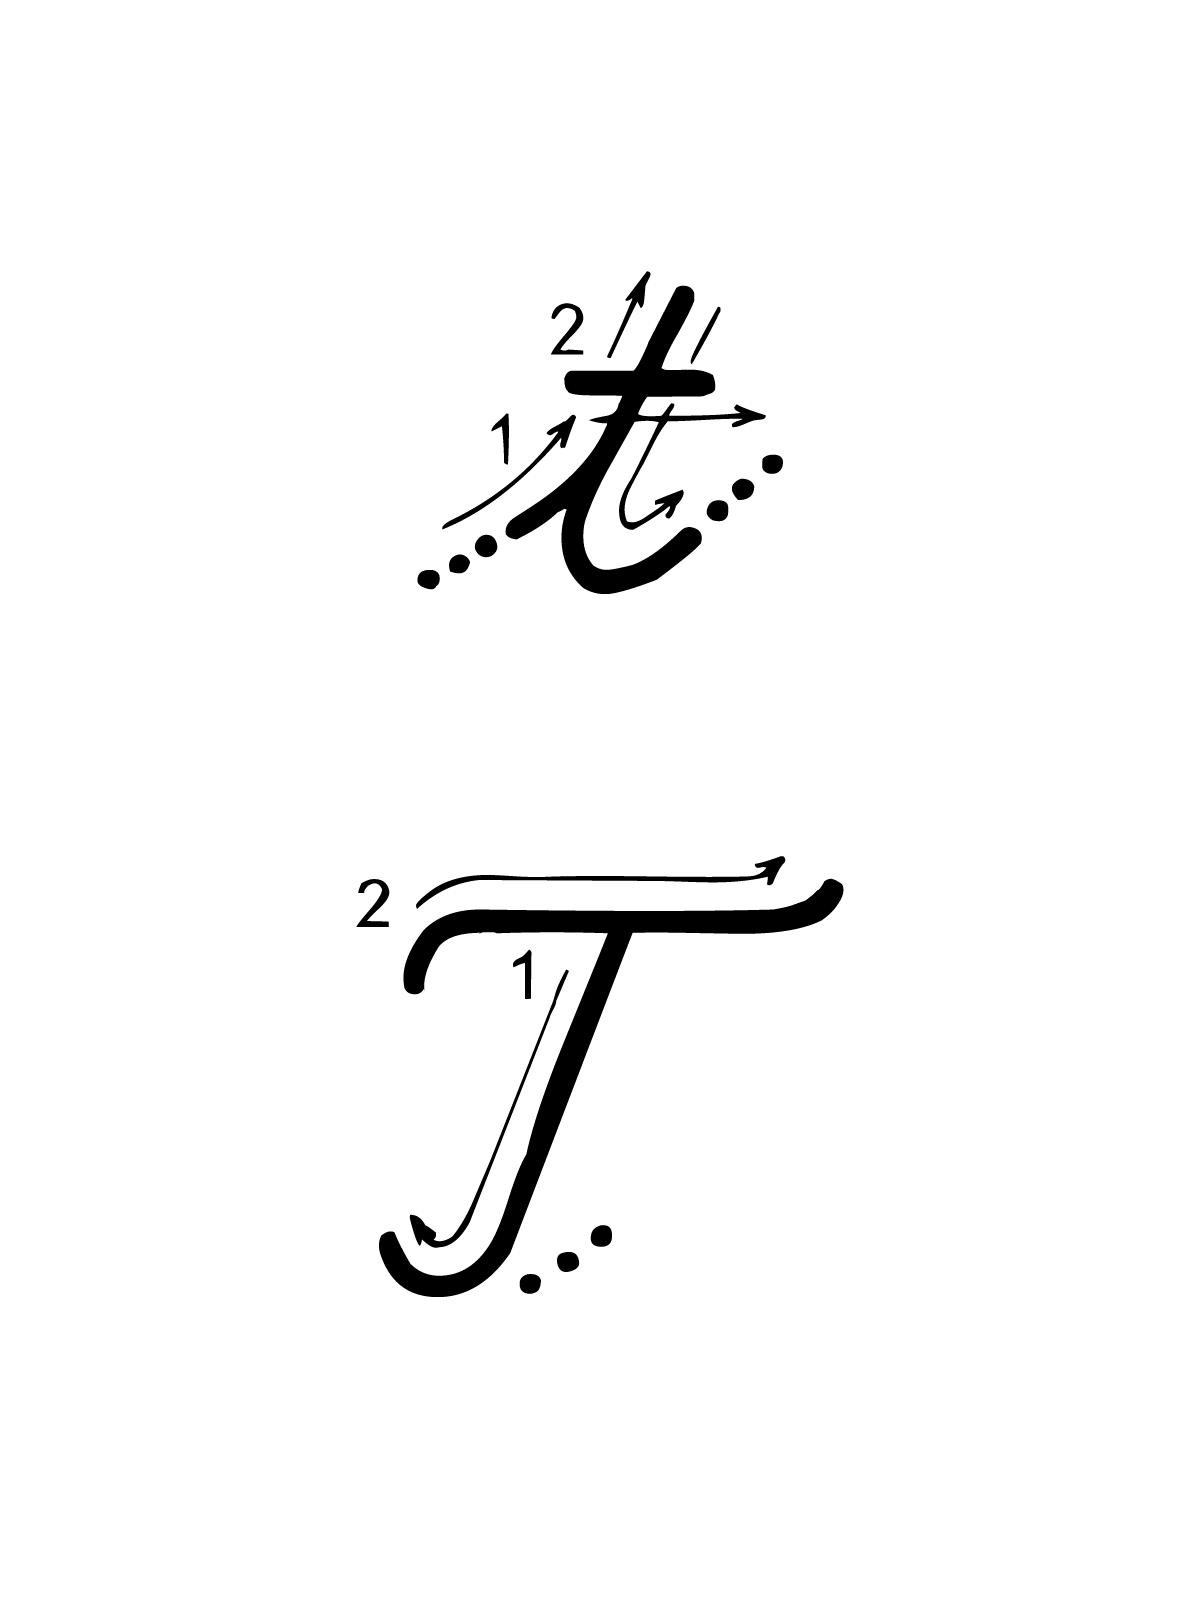 abbastanza e numeri - Lettera T con indicazioni movimento corsivo maiuscolo e  ZZ69